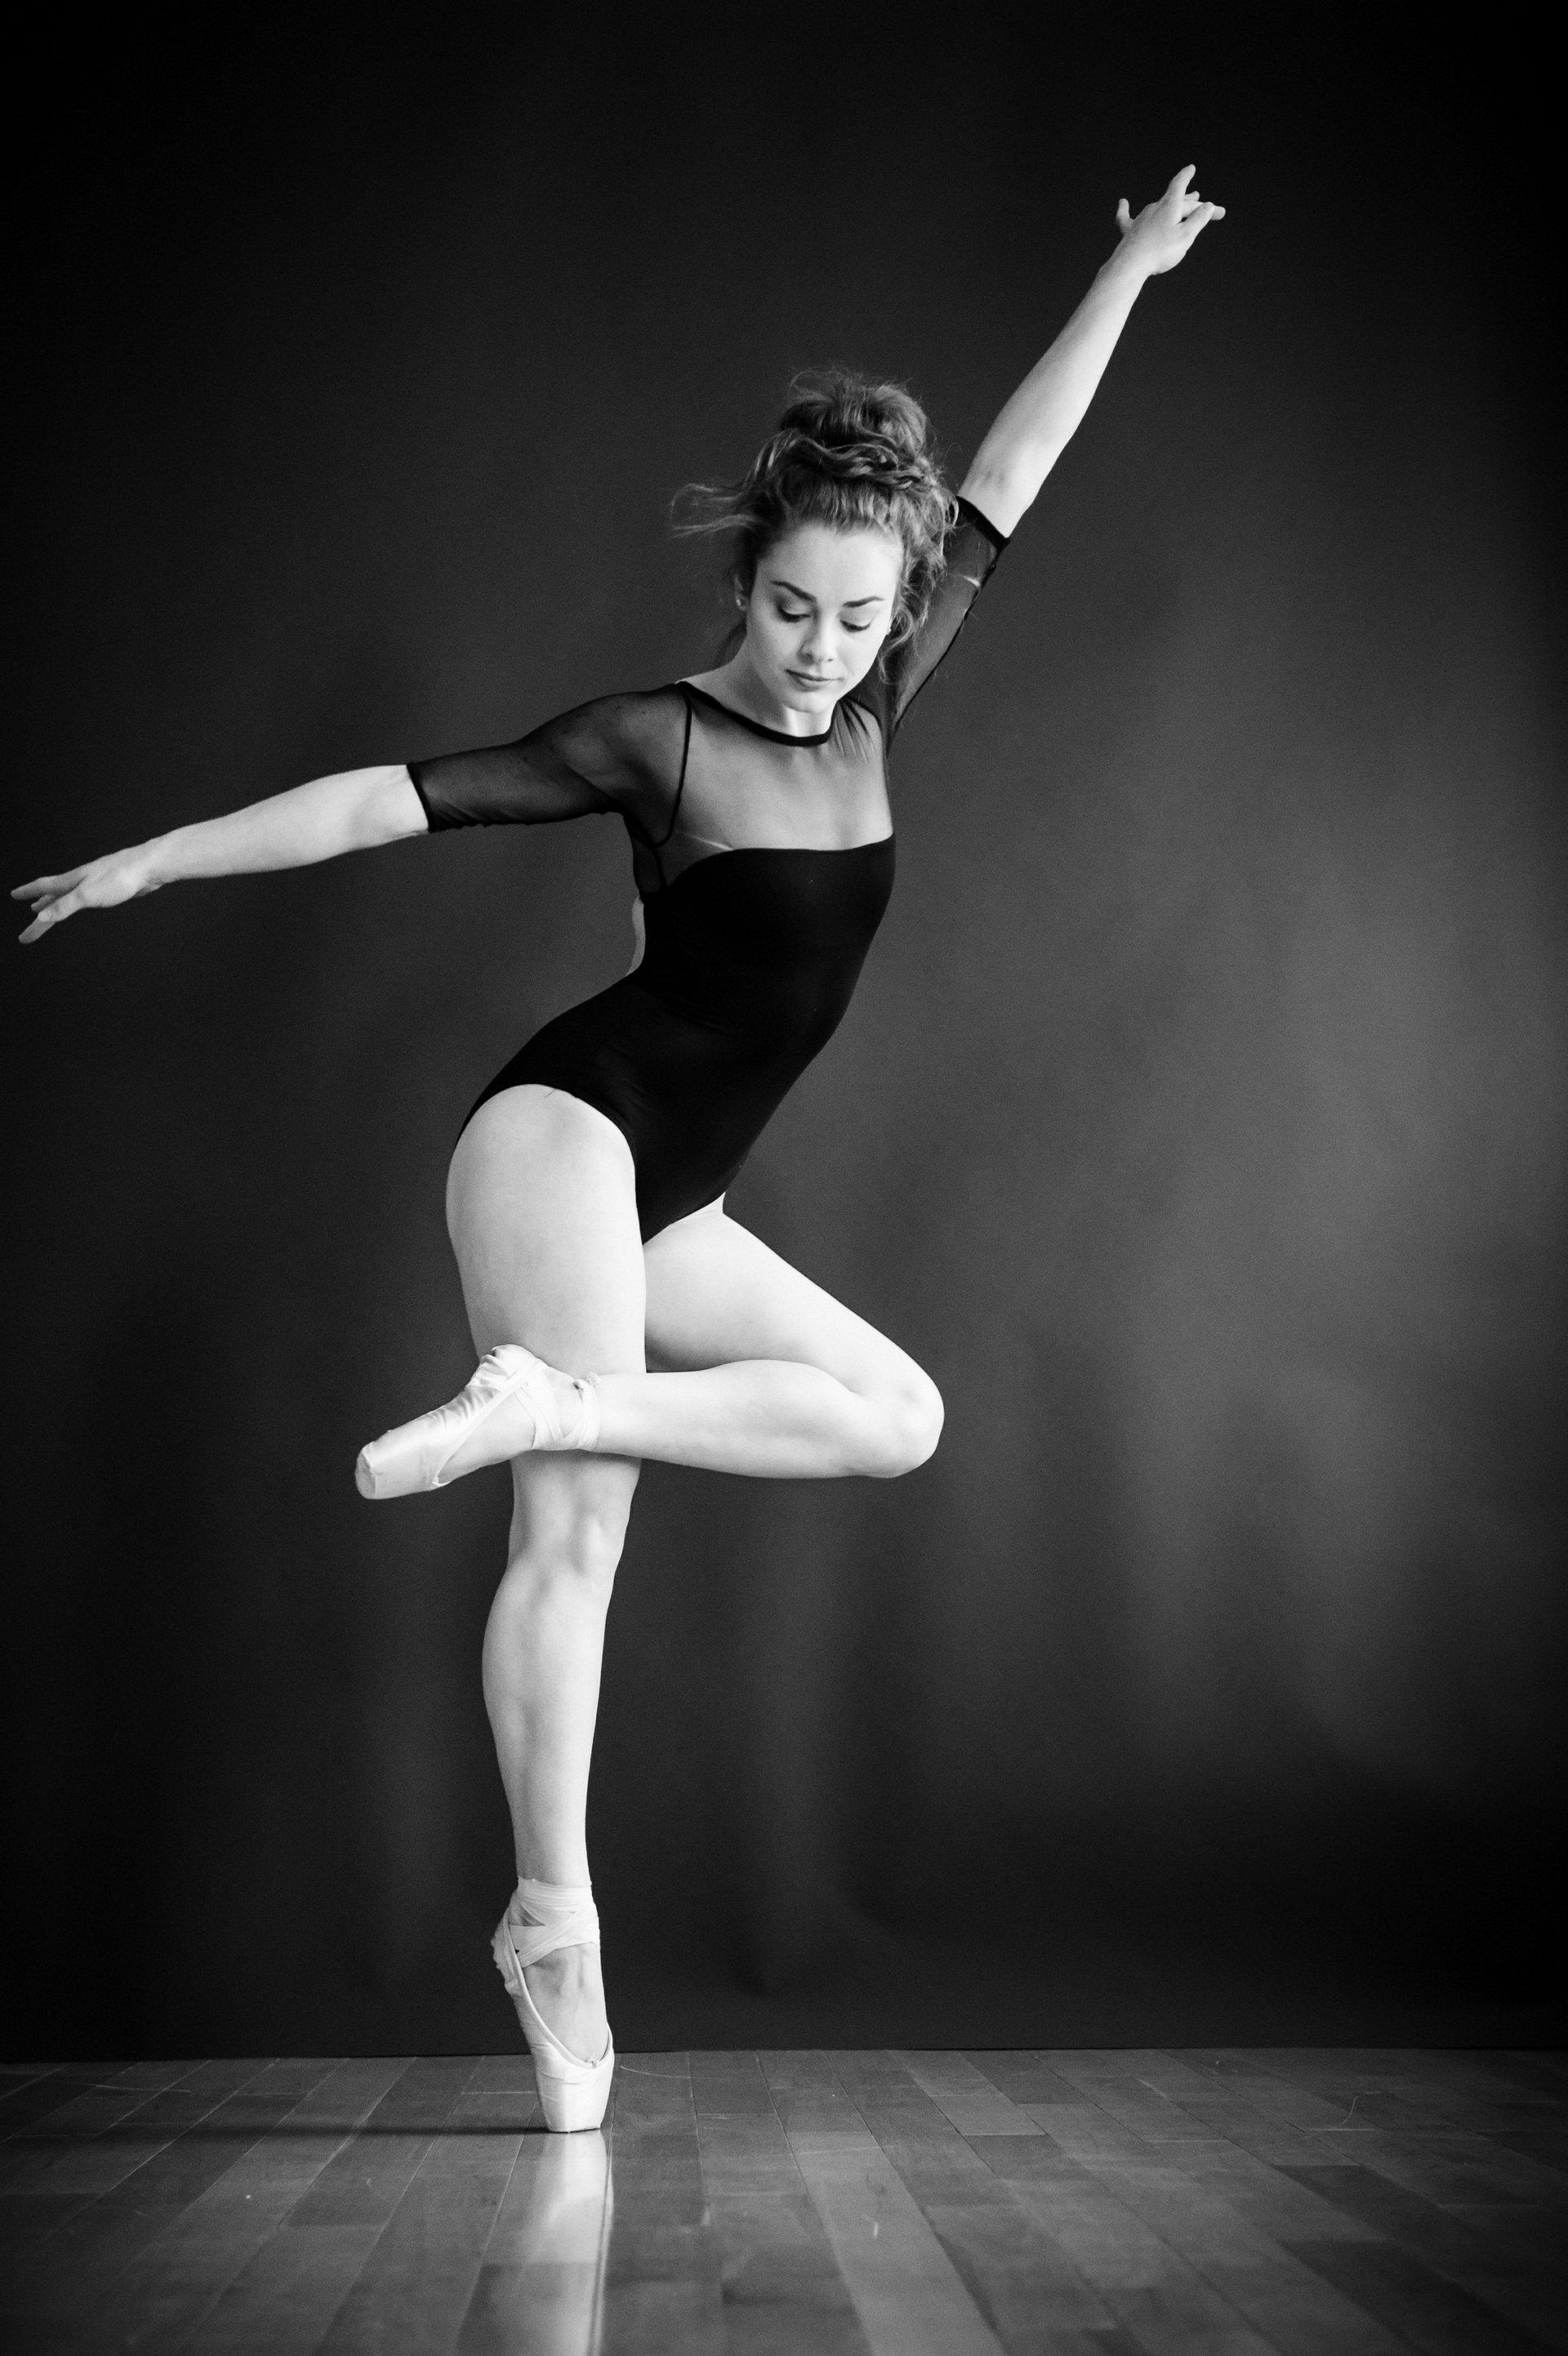 nEO_IMG_Marissa Dance-46-BW.jpg